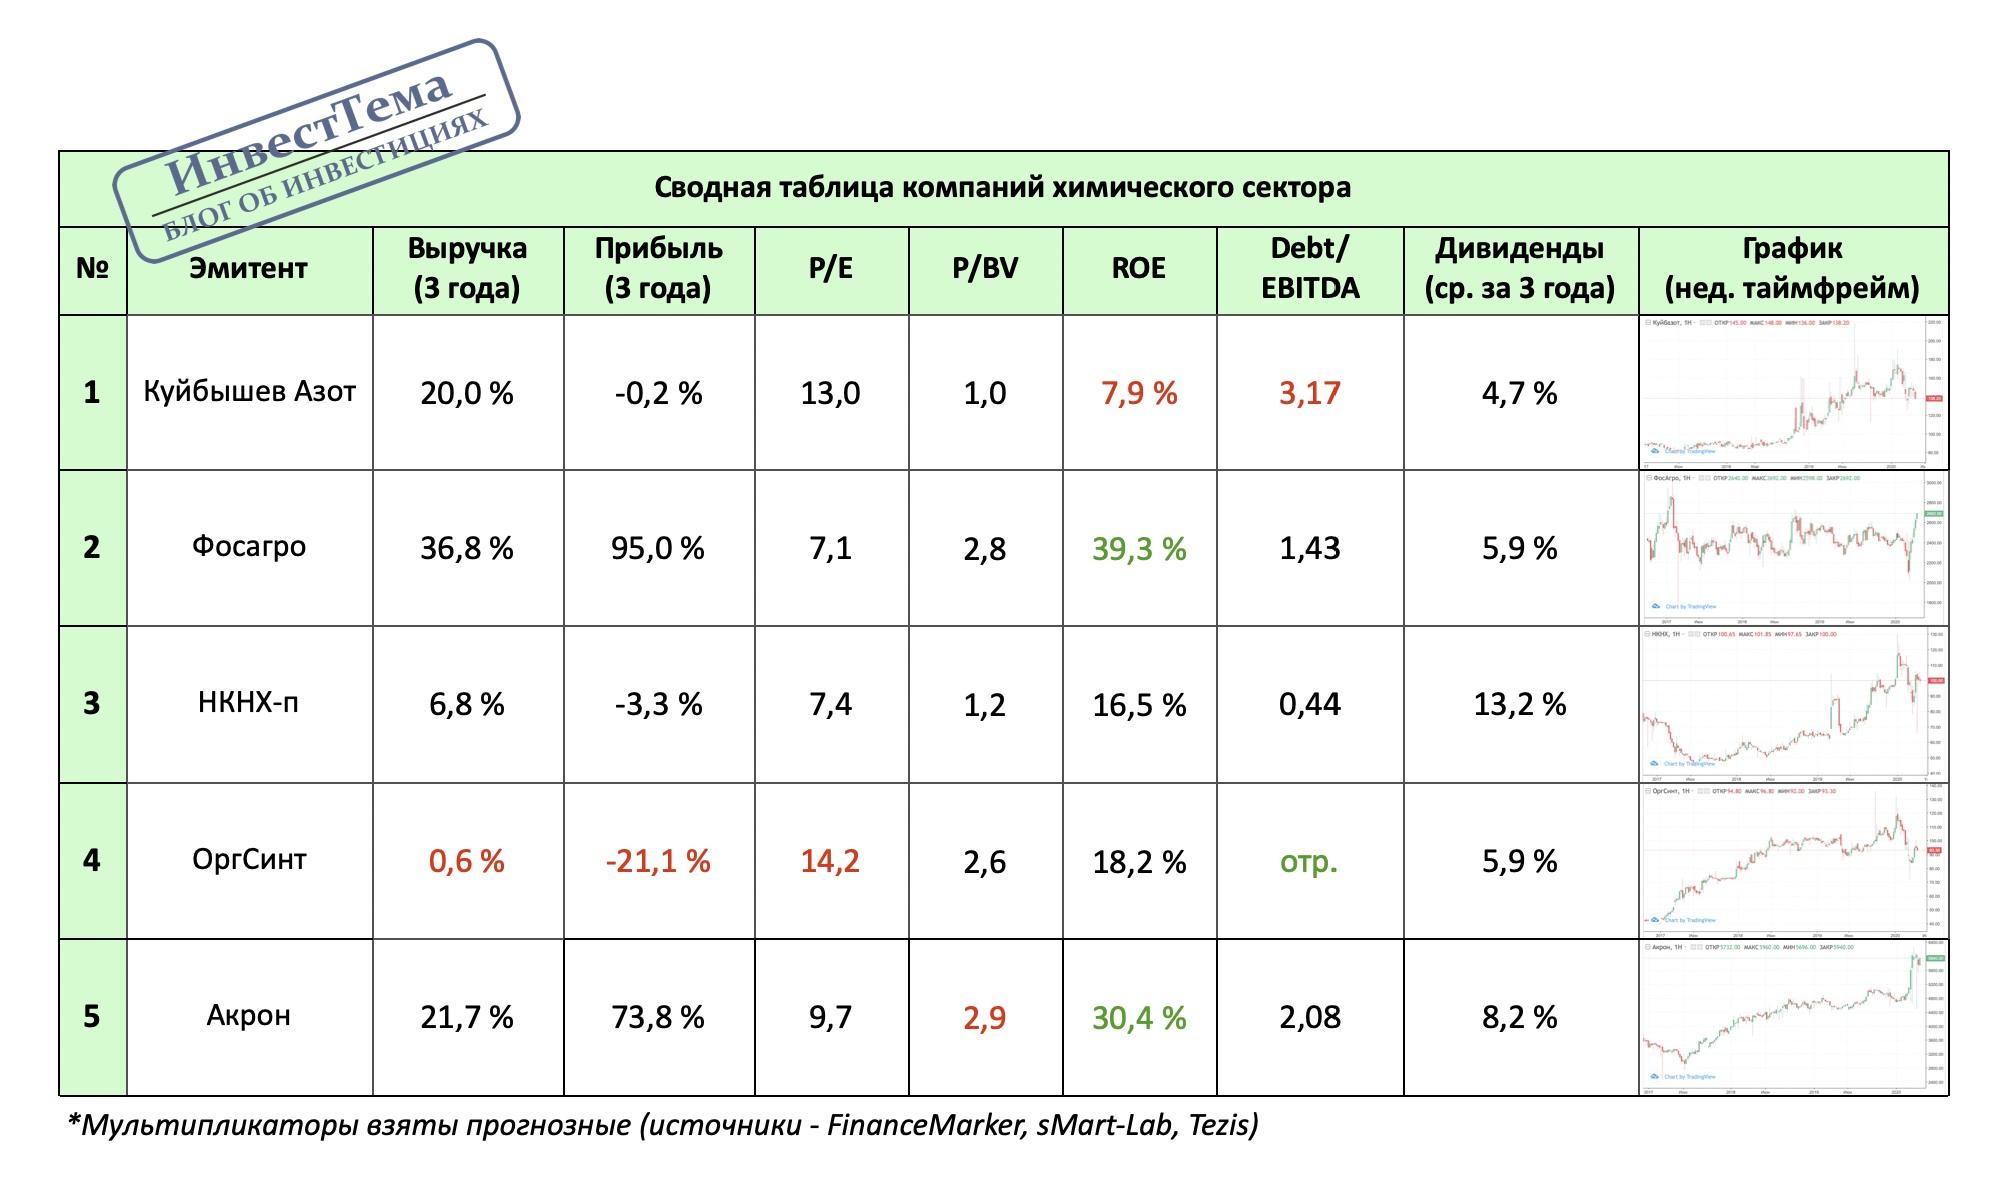 КуйбышевАзот - полный разбор компании + SWOT-анализ, изображение №6